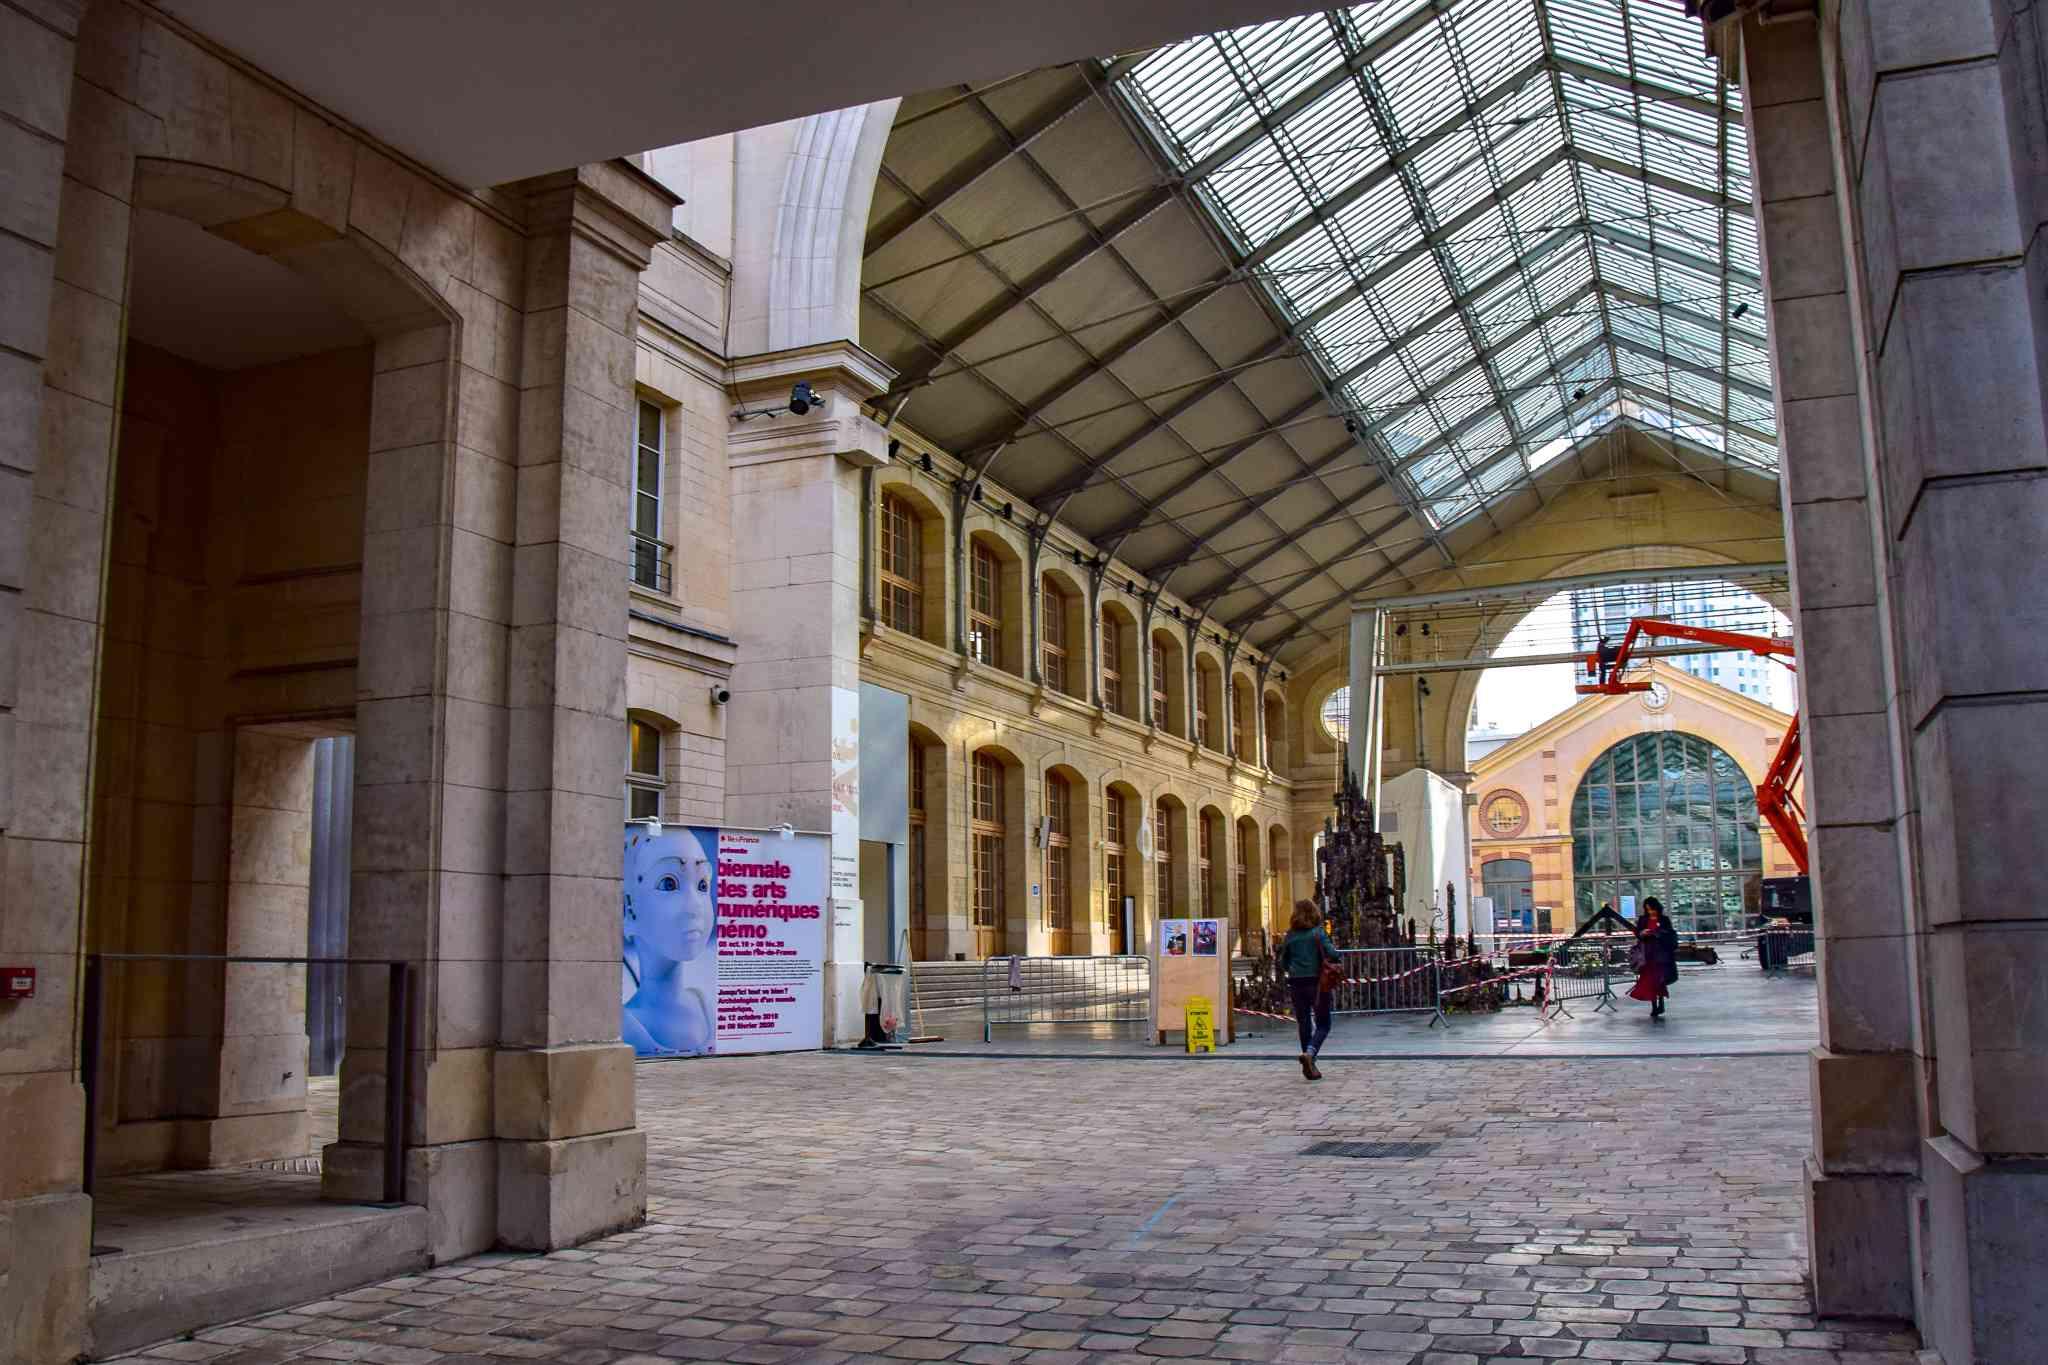 Le Centquatre in Paris, France